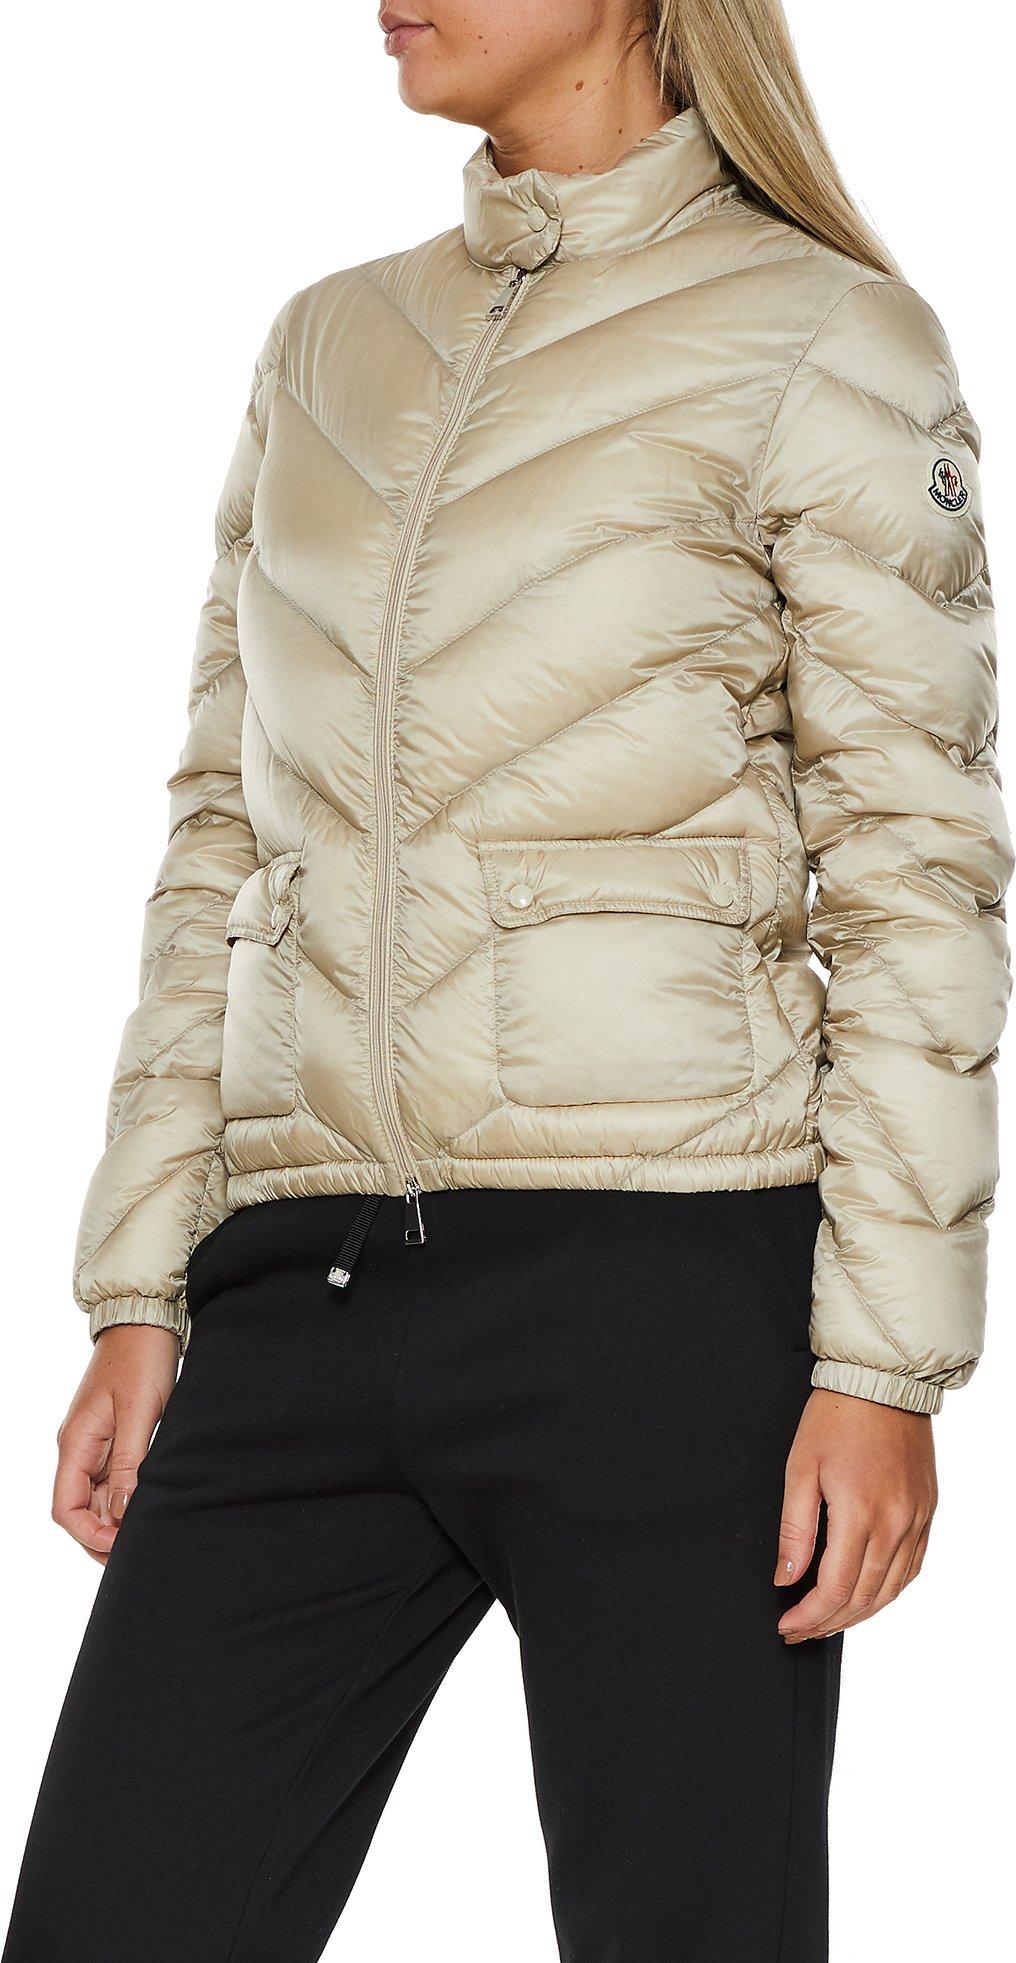 Moncler Lanx Giubbotto Jacket